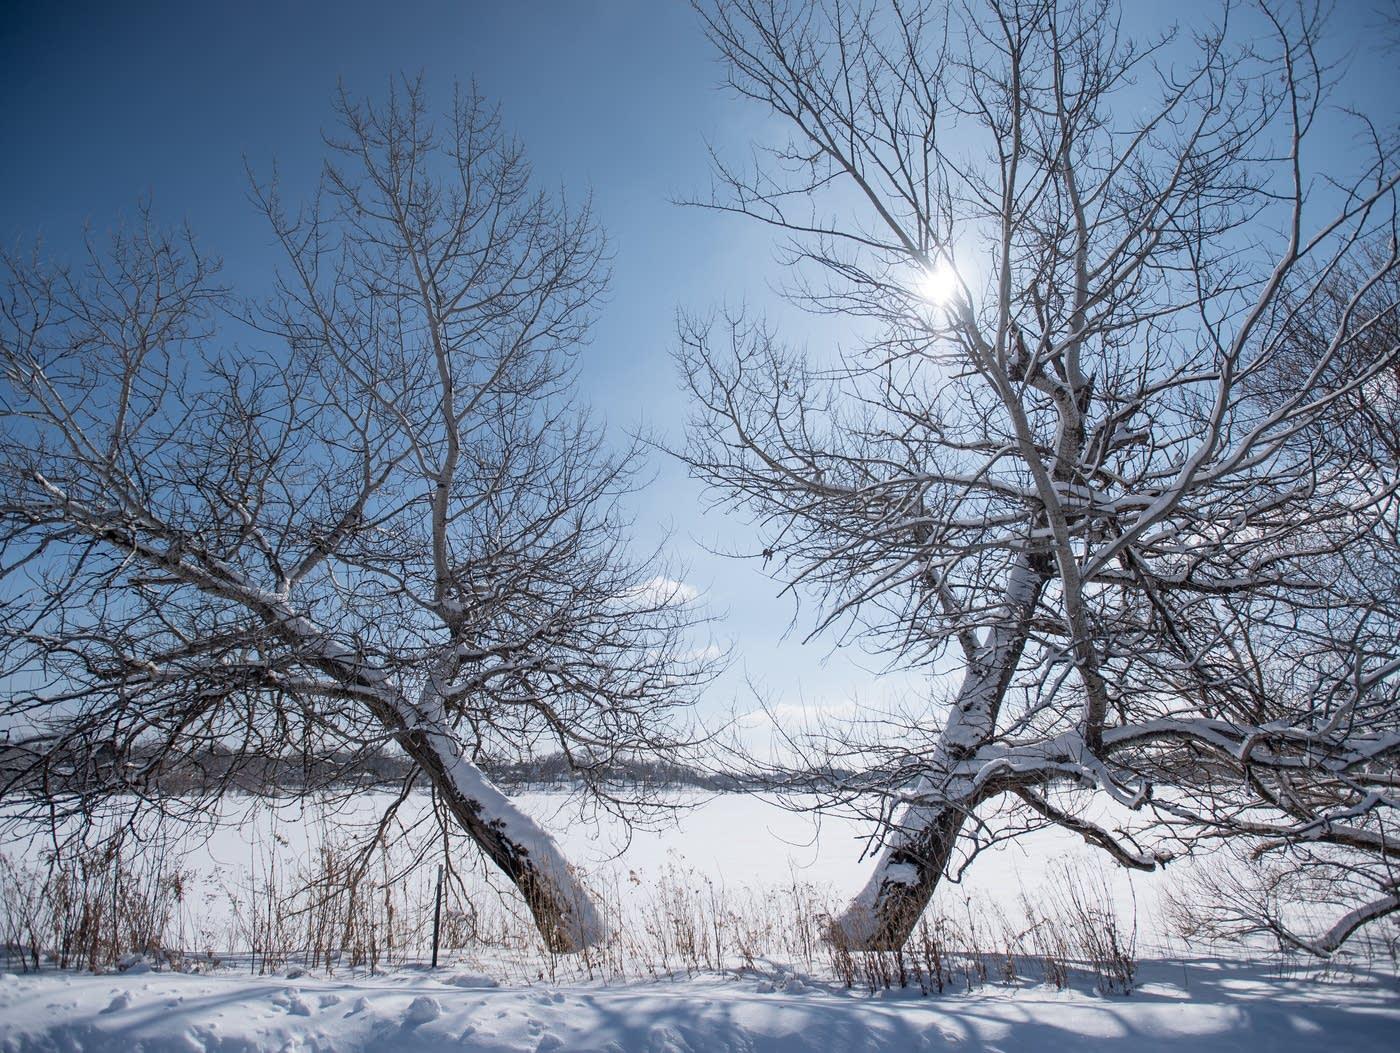 Mùa đông tuyết phủ cành lá trơ trọi